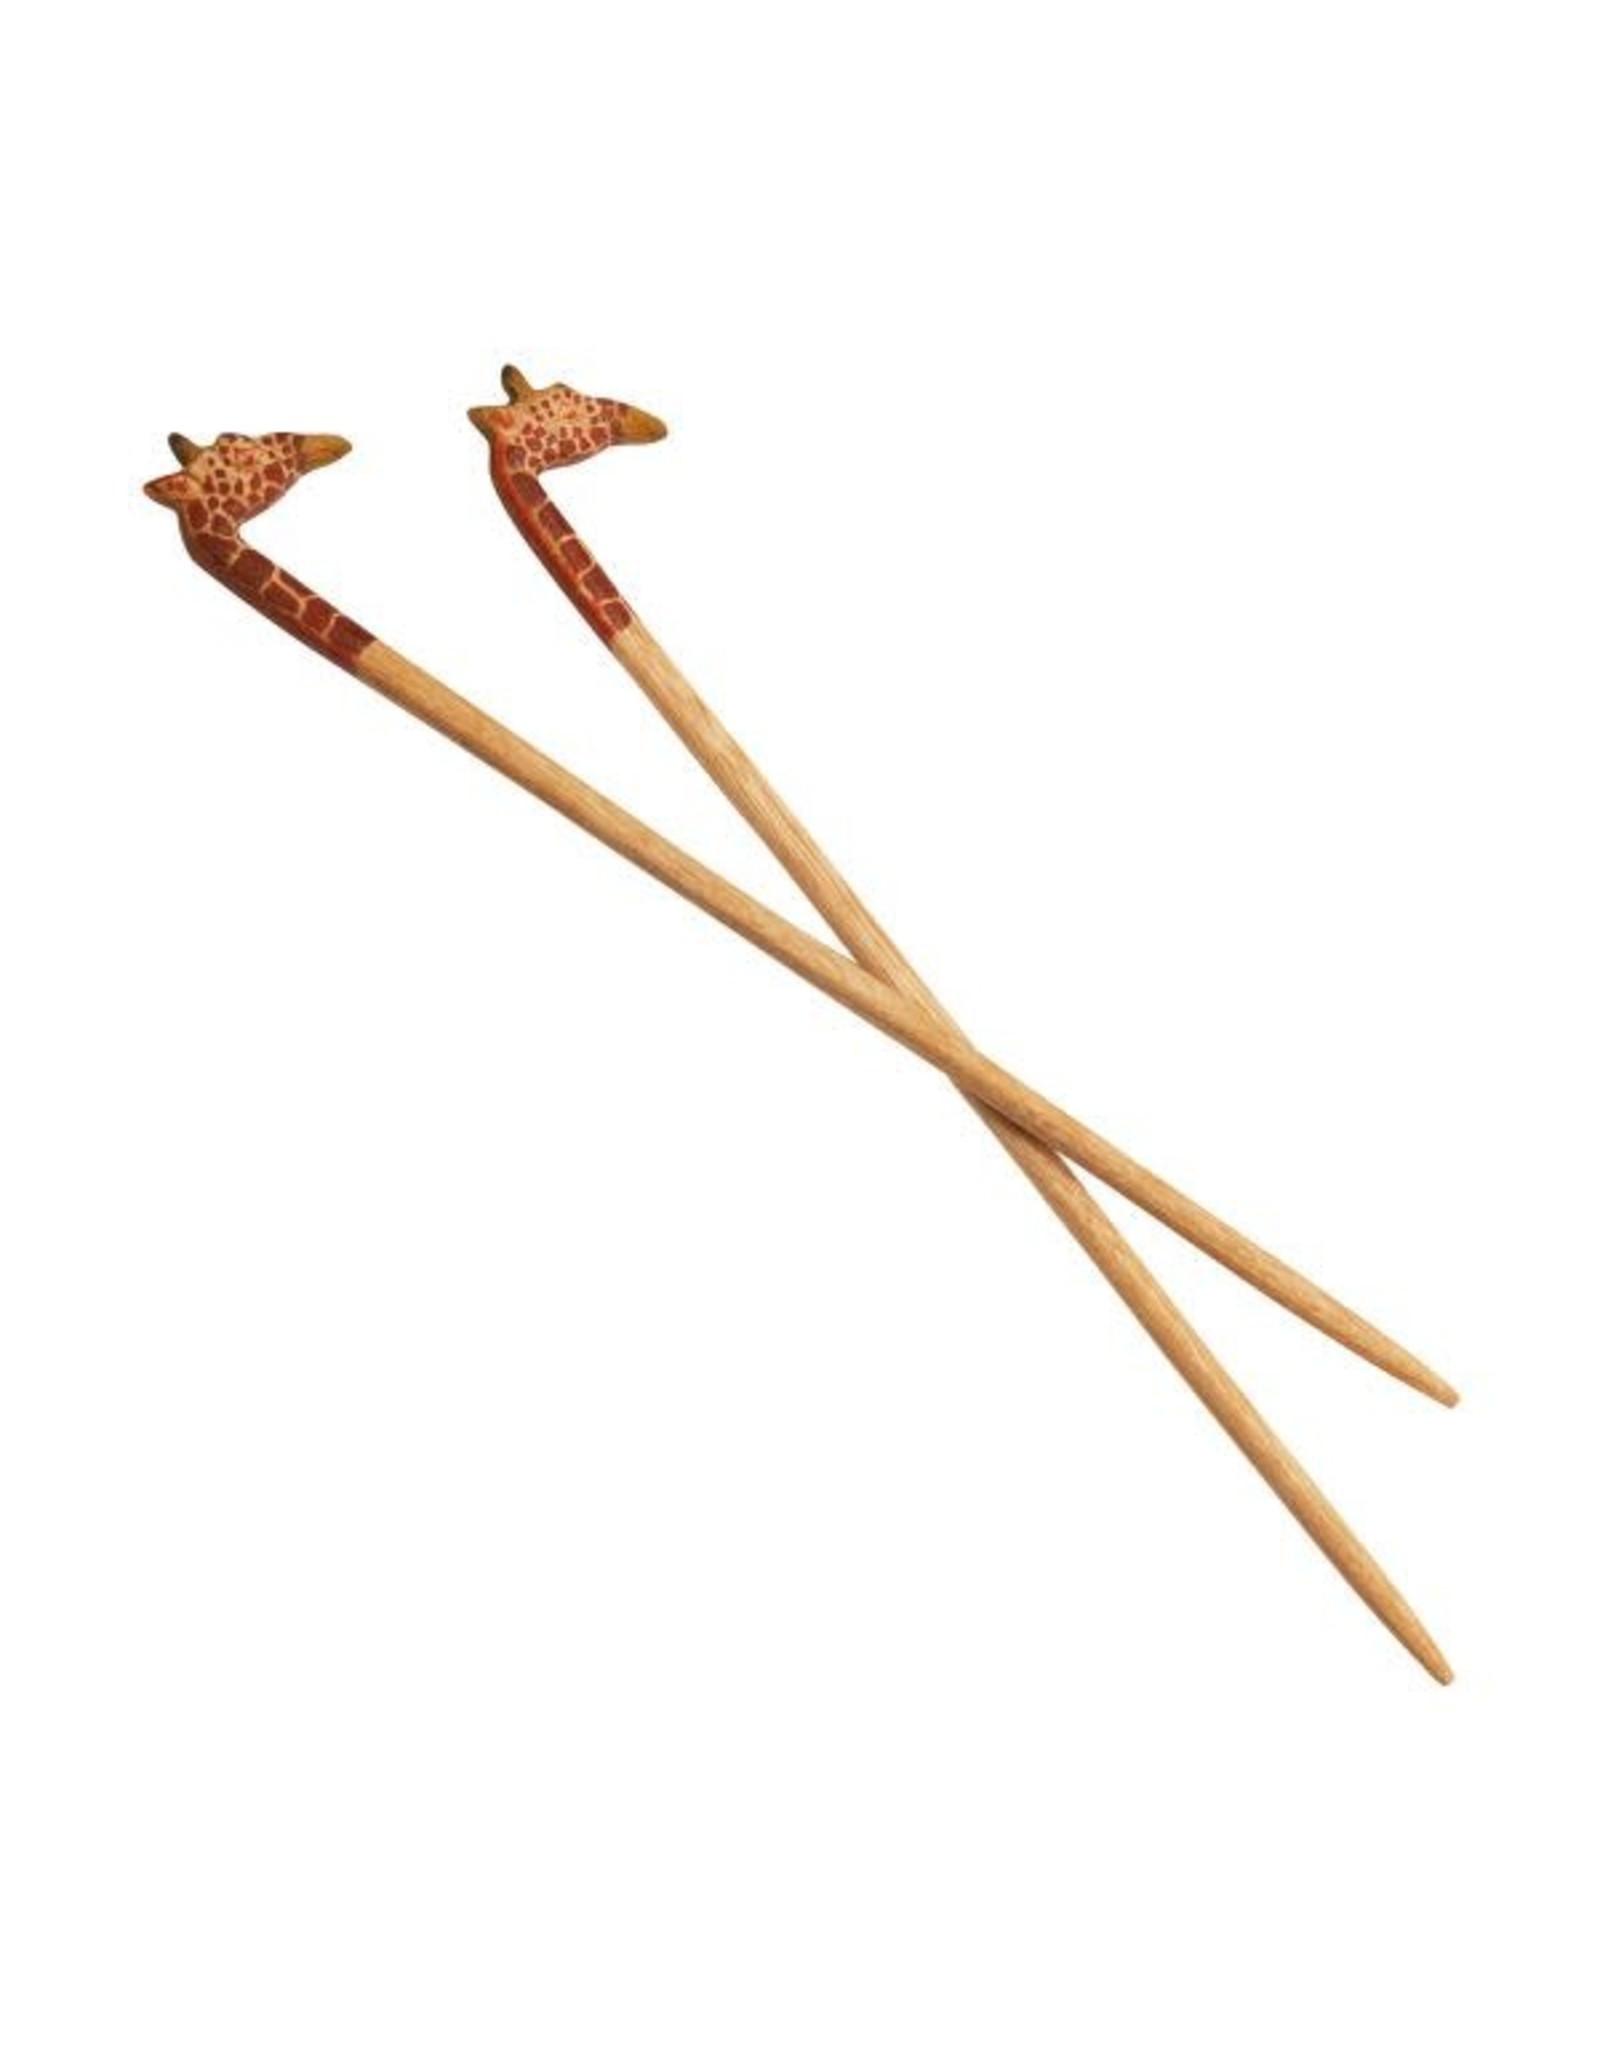 Giraffe Chopstick Pair